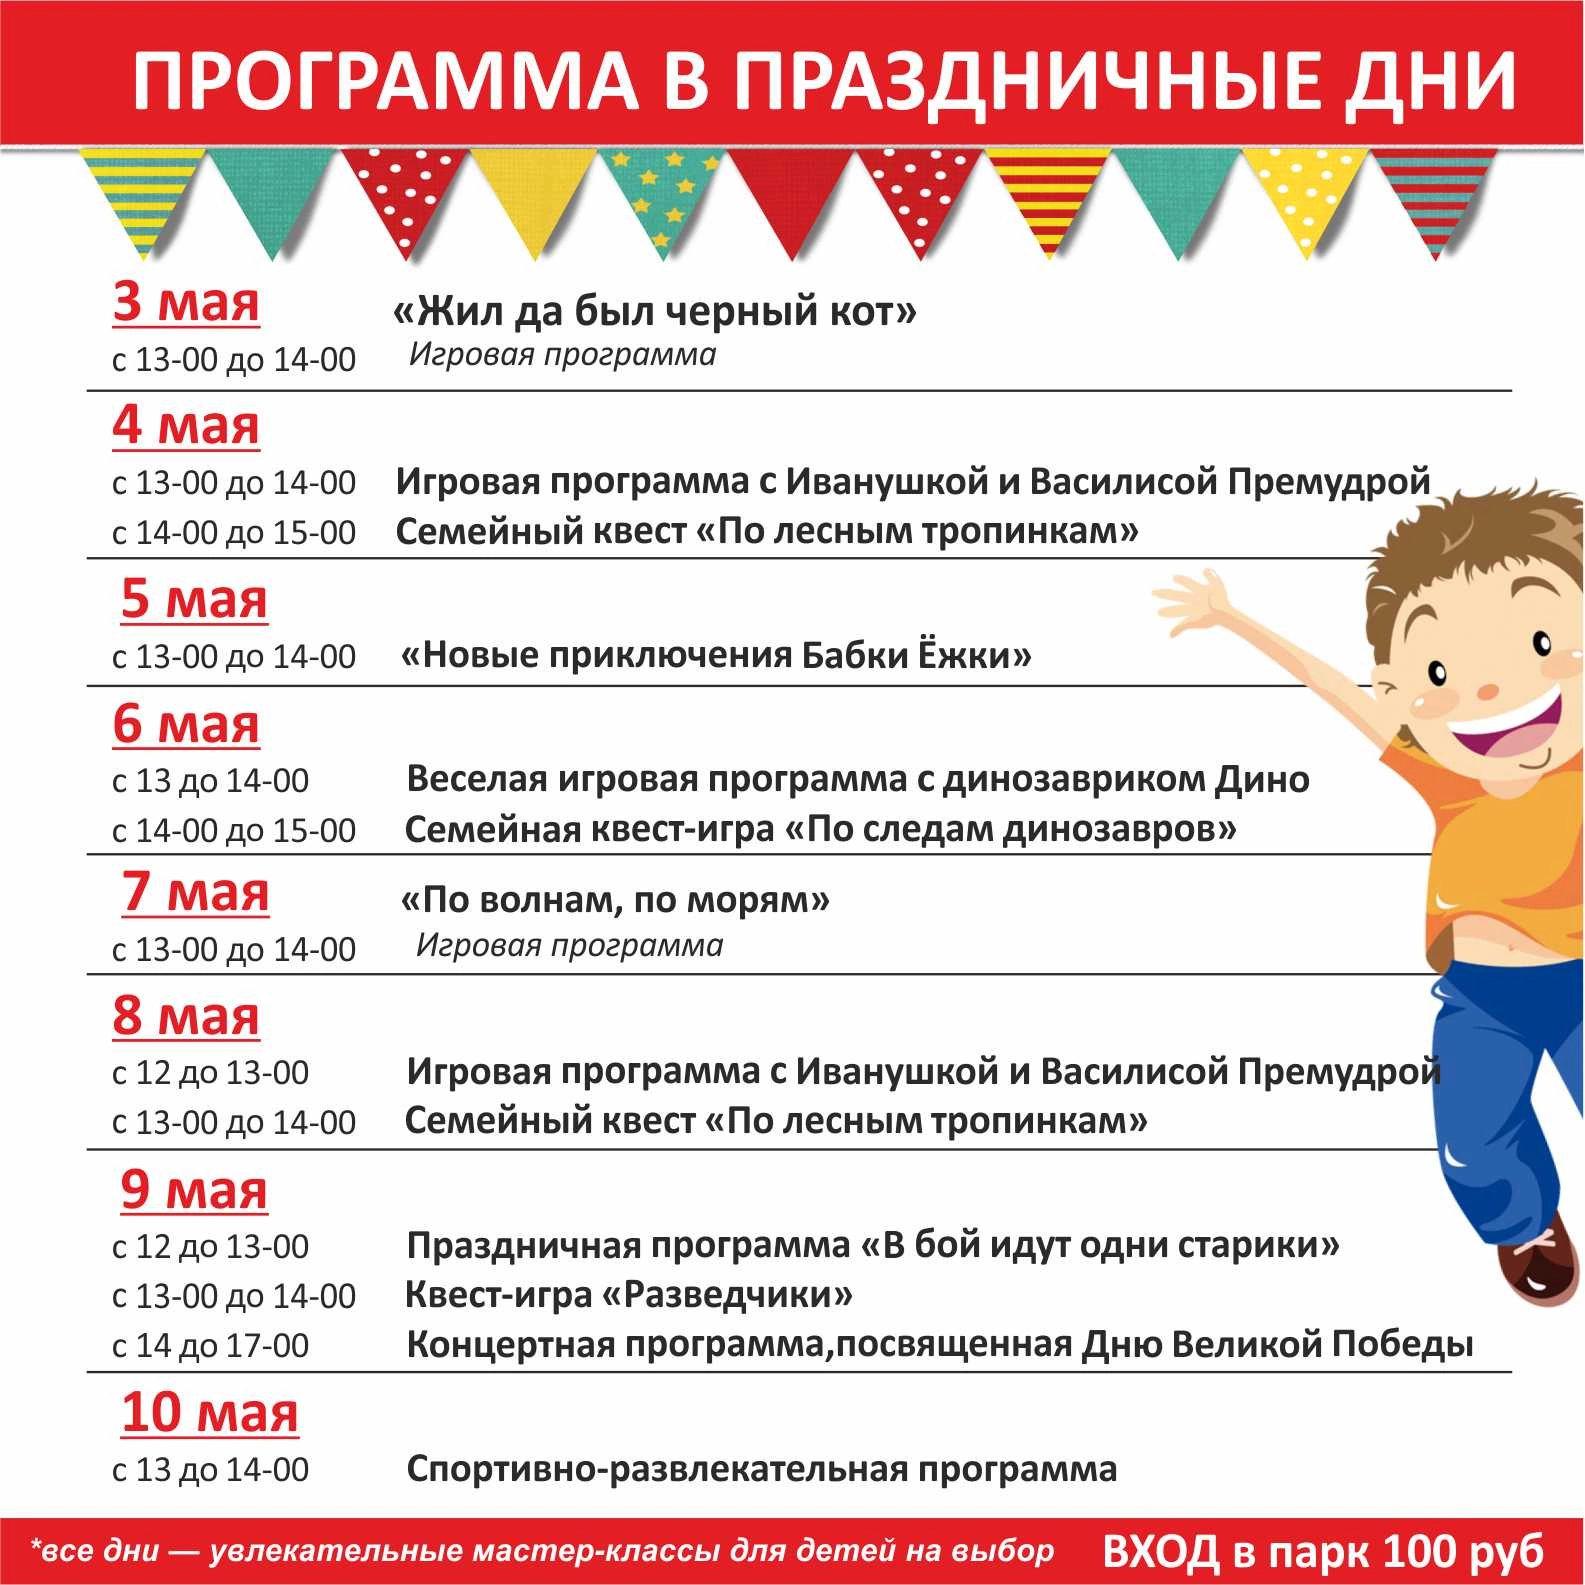 Программа в праздничные дни